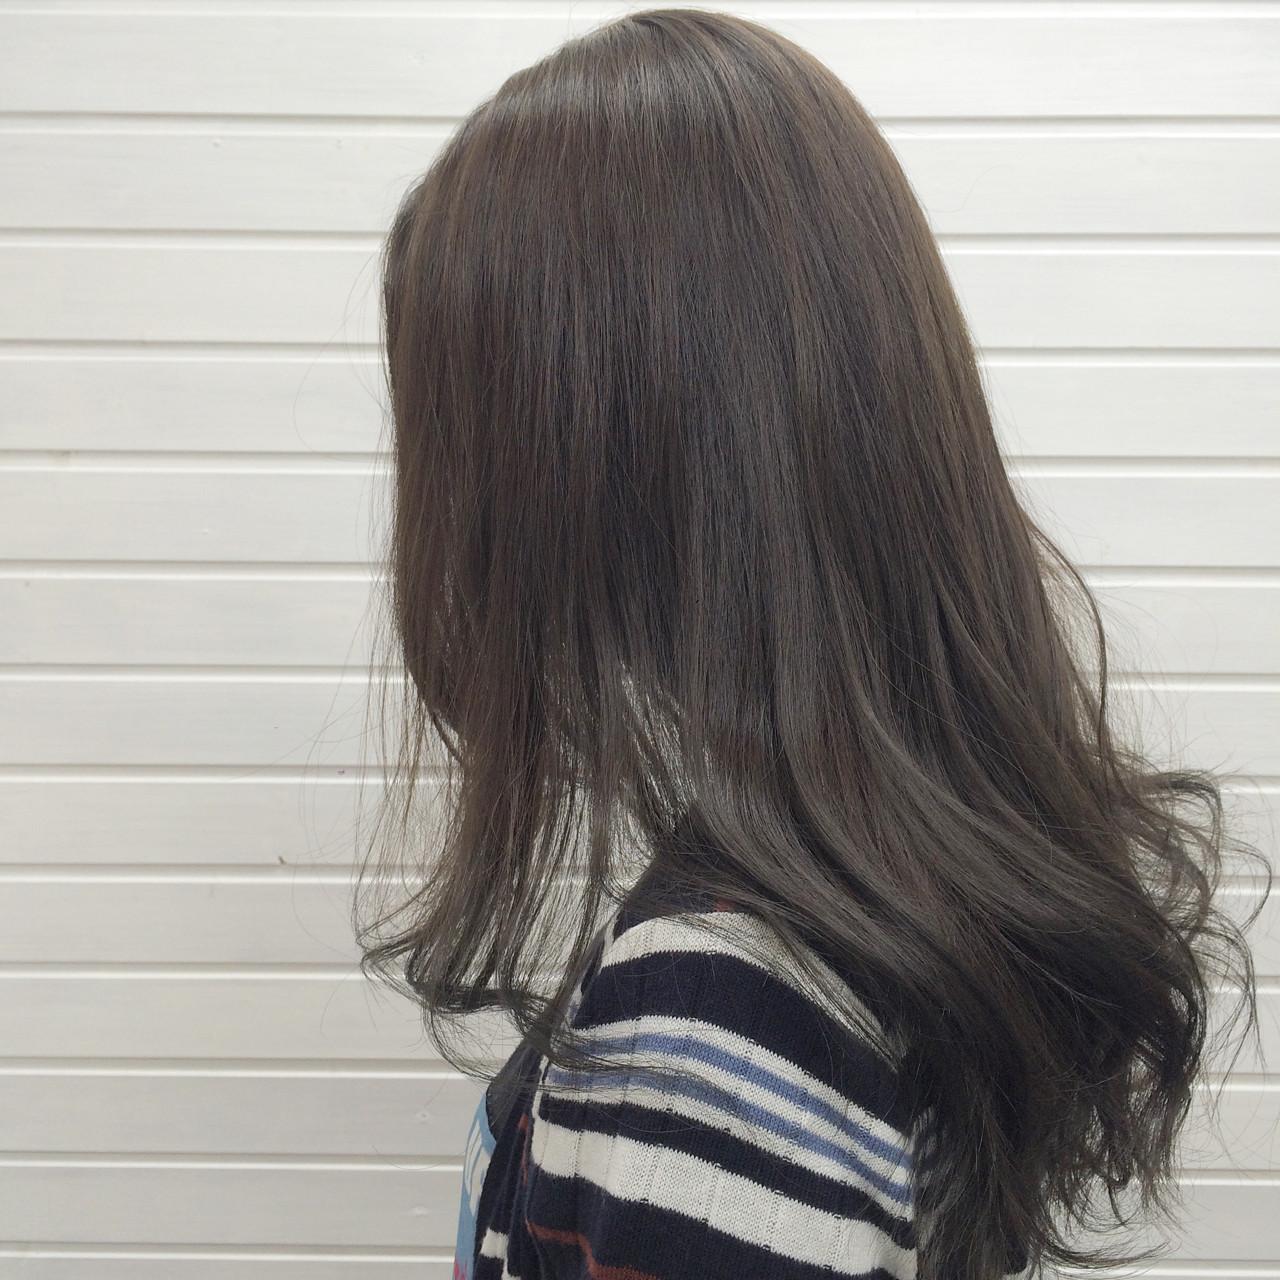 上品に仕上げるのならダークアッシュ♡ universe | hairspaceuniverse